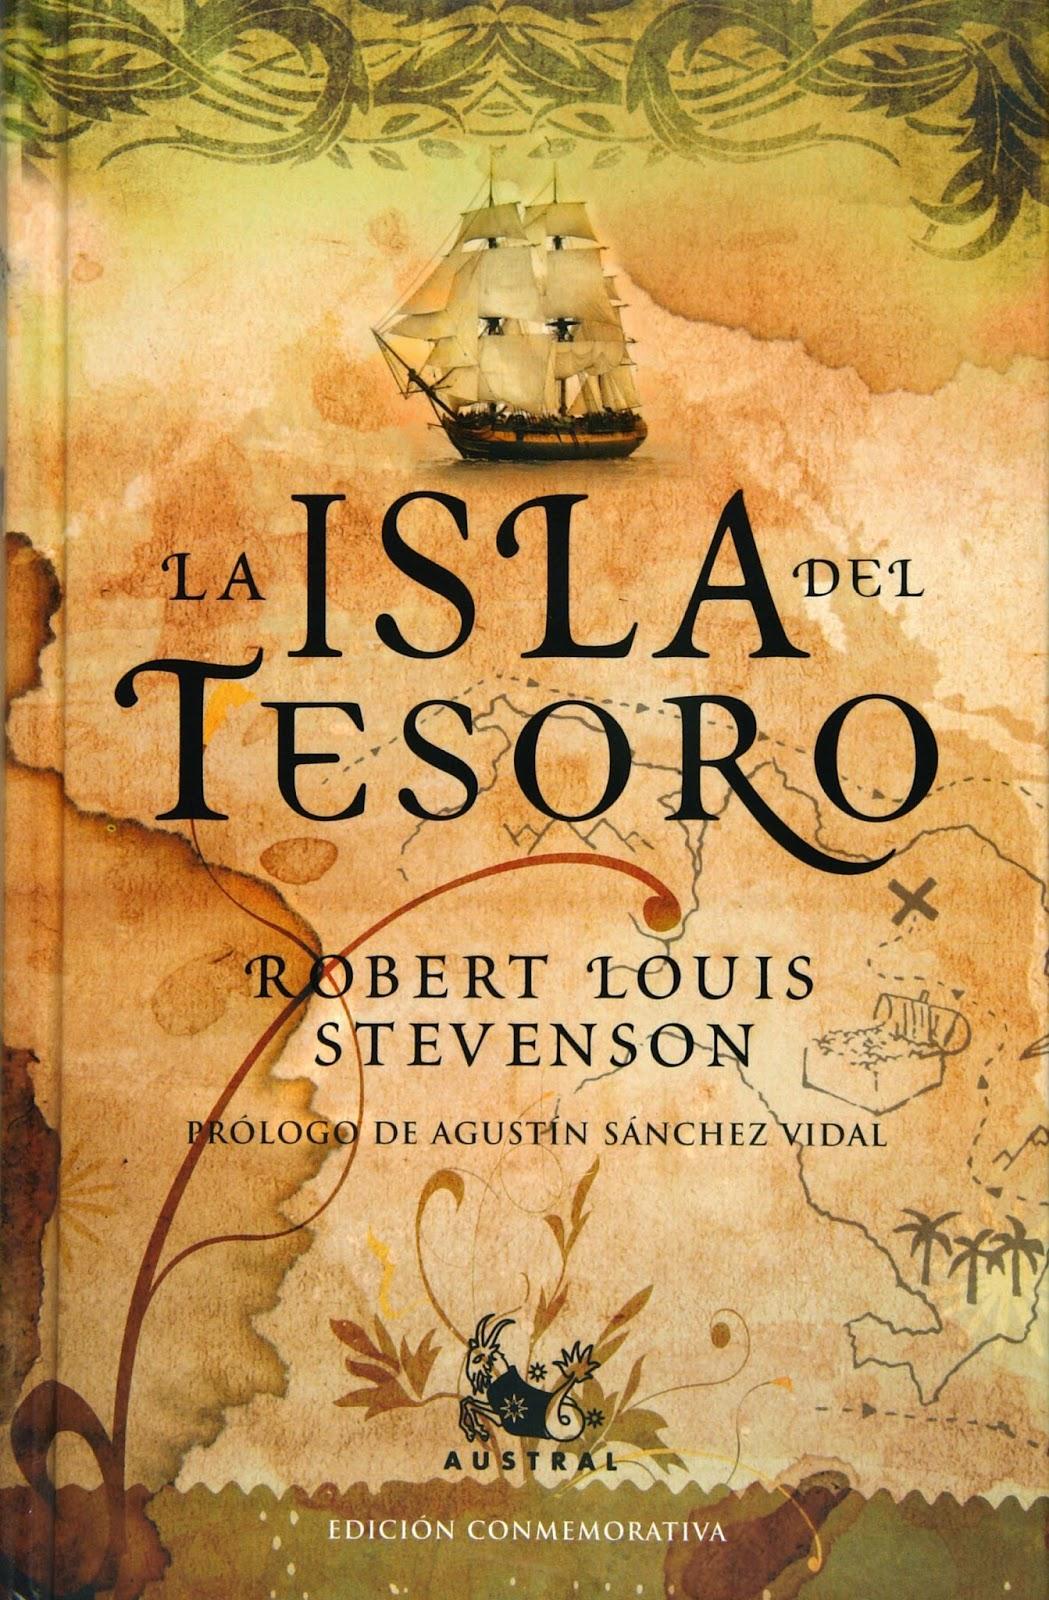 http://www.dad.uncu.edu.ar/upload/la_isla_del_tesoro.pdf